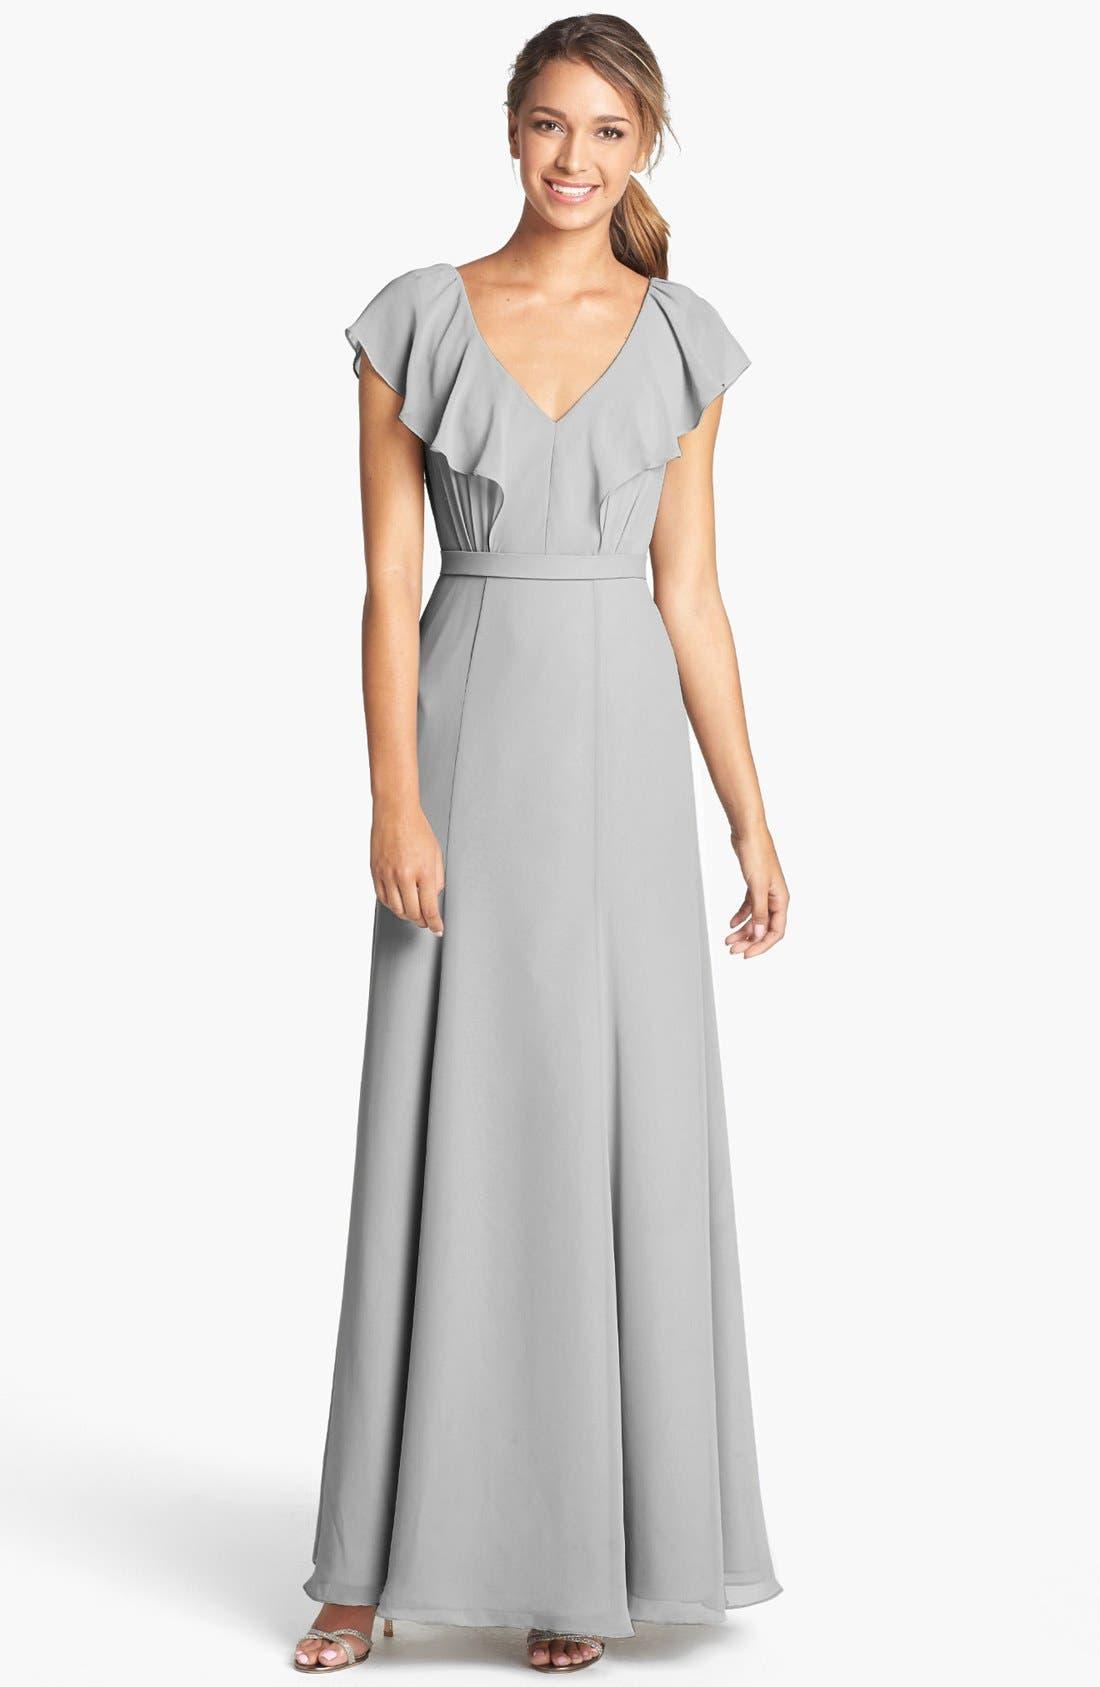 Main Image - Jenny Yoo 'Cecilia' Ruffled V-Neck Chiffon Long Dress (Online Only)